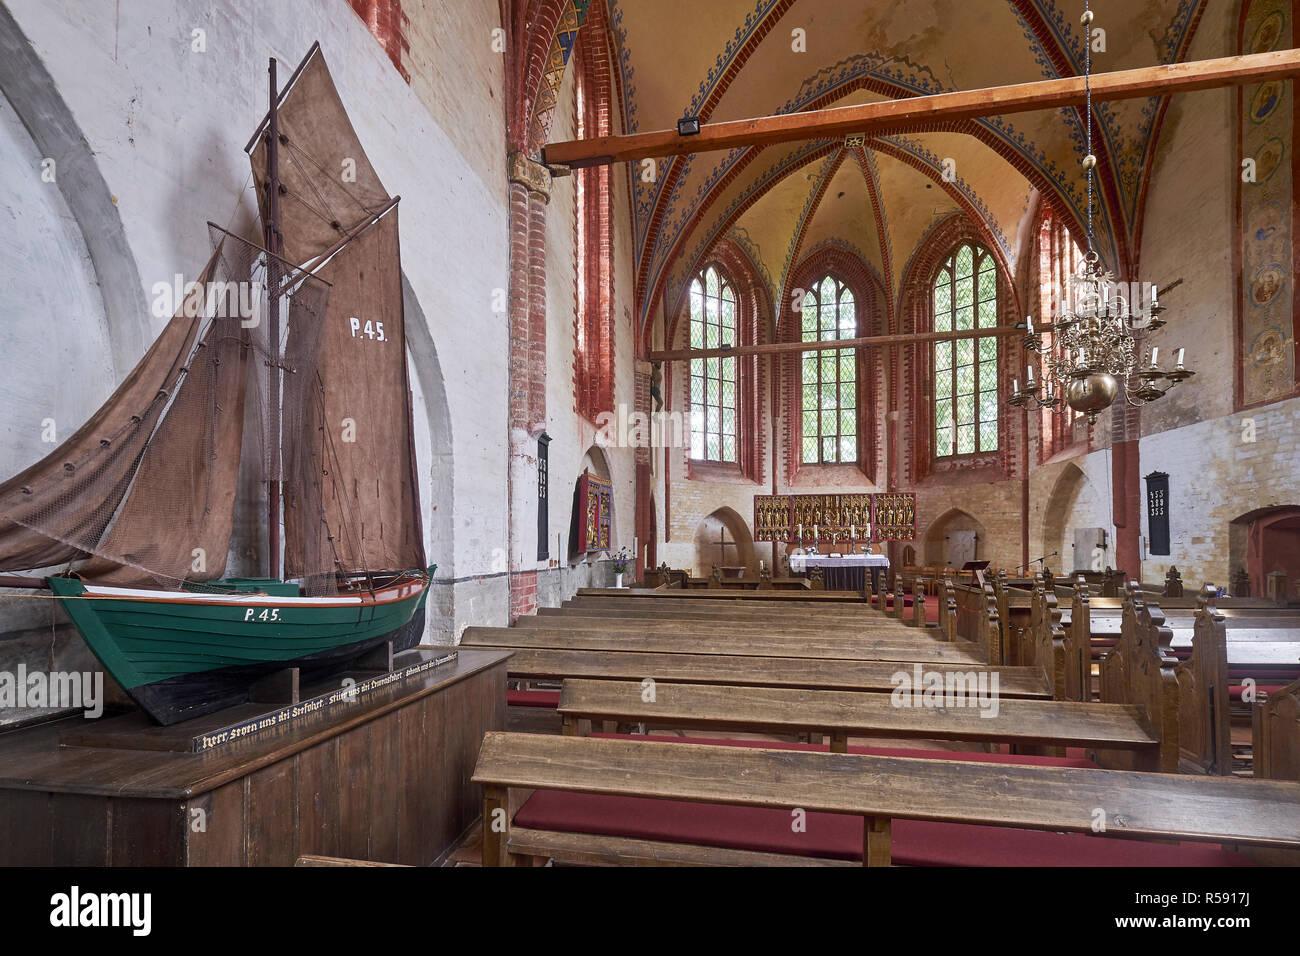 Vue intérieure de l'église avec Bavaria 50 à Kirchdorf, Insel Poel, Mecklenburg-Vorpommern, Allemagne Banque D'Images